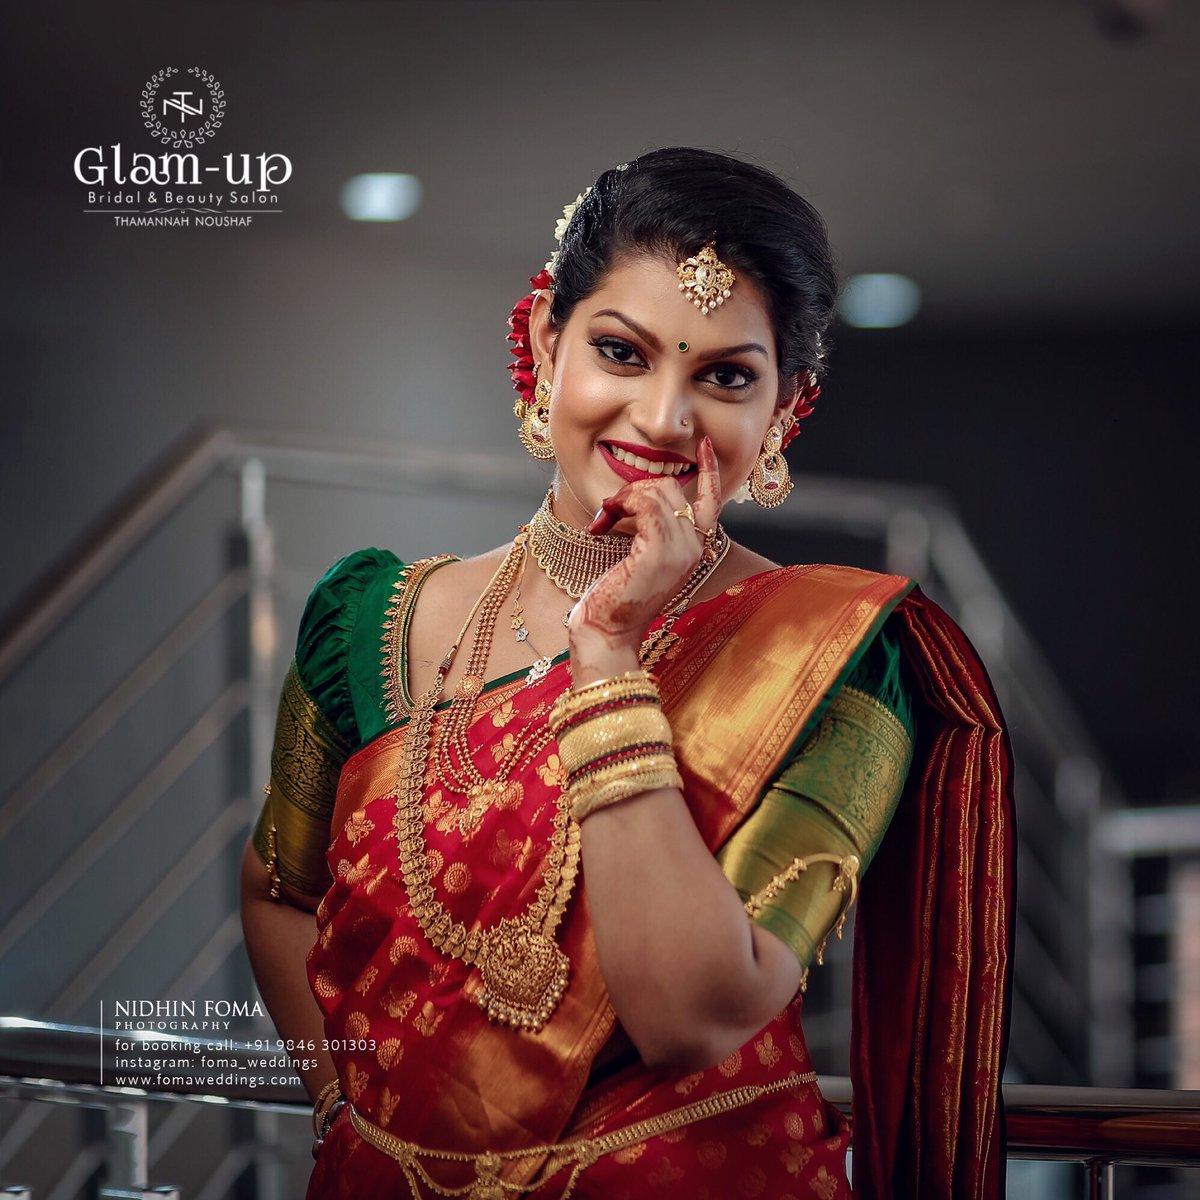 wedding photography pretty bride by nidhin foma